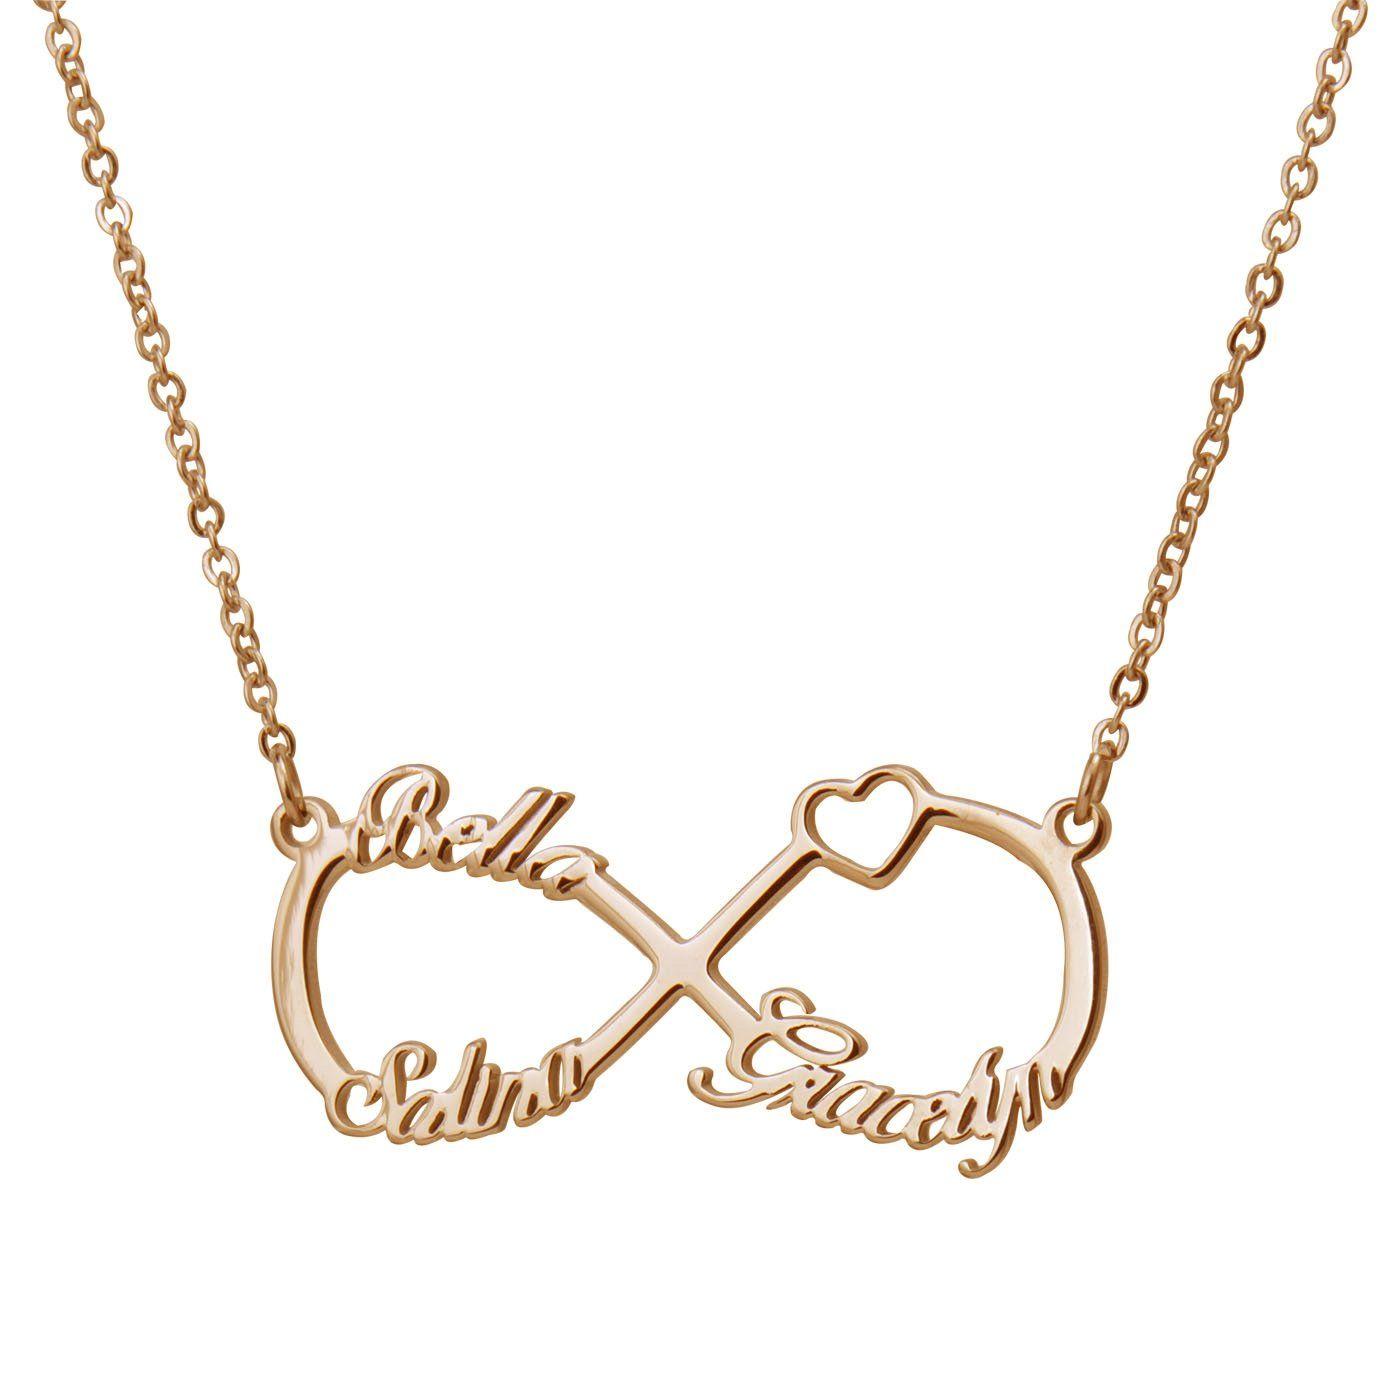 Individuelle Unendlichkeit mit Namenskette personalisieren für Frauen Mädchen mit 18k Gold überzogene Schmucksachen Charme-Armbänder Geschenke für Mädchen